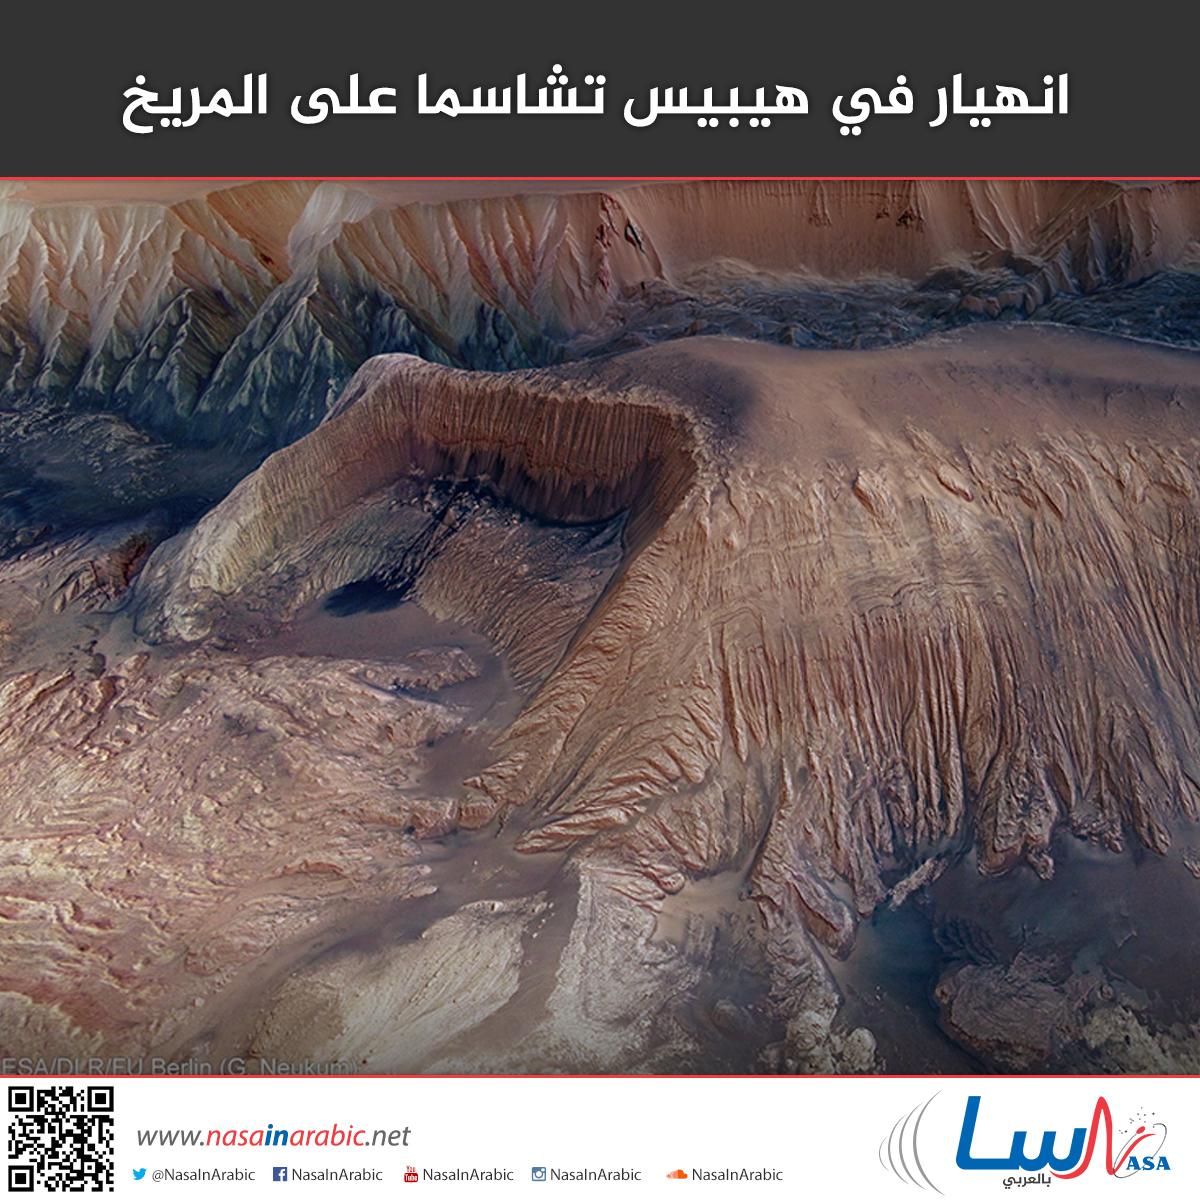 انهيار في هيبيس تشاسما على المريخ